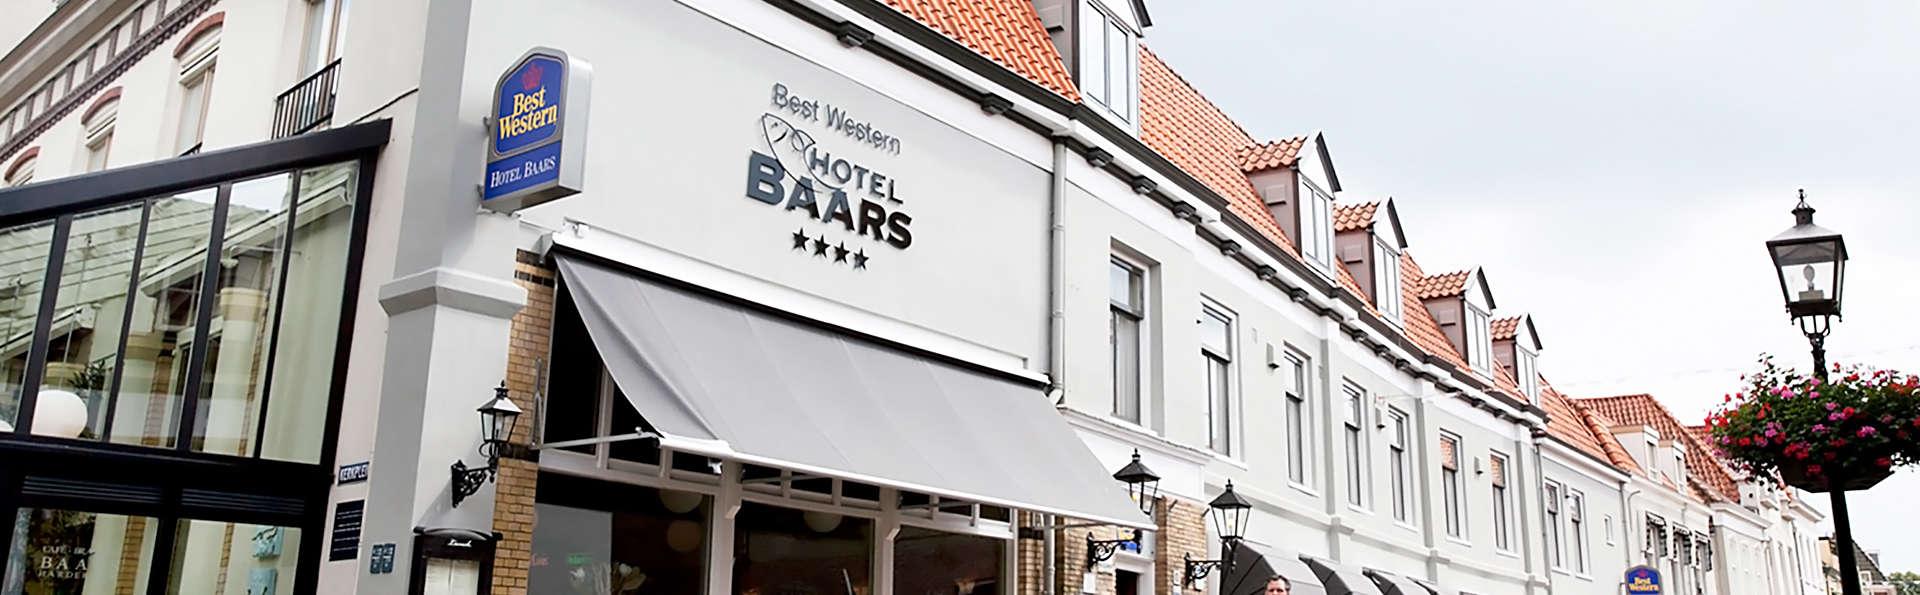 Best Western Hotel Baars - EDIT_front.jpg